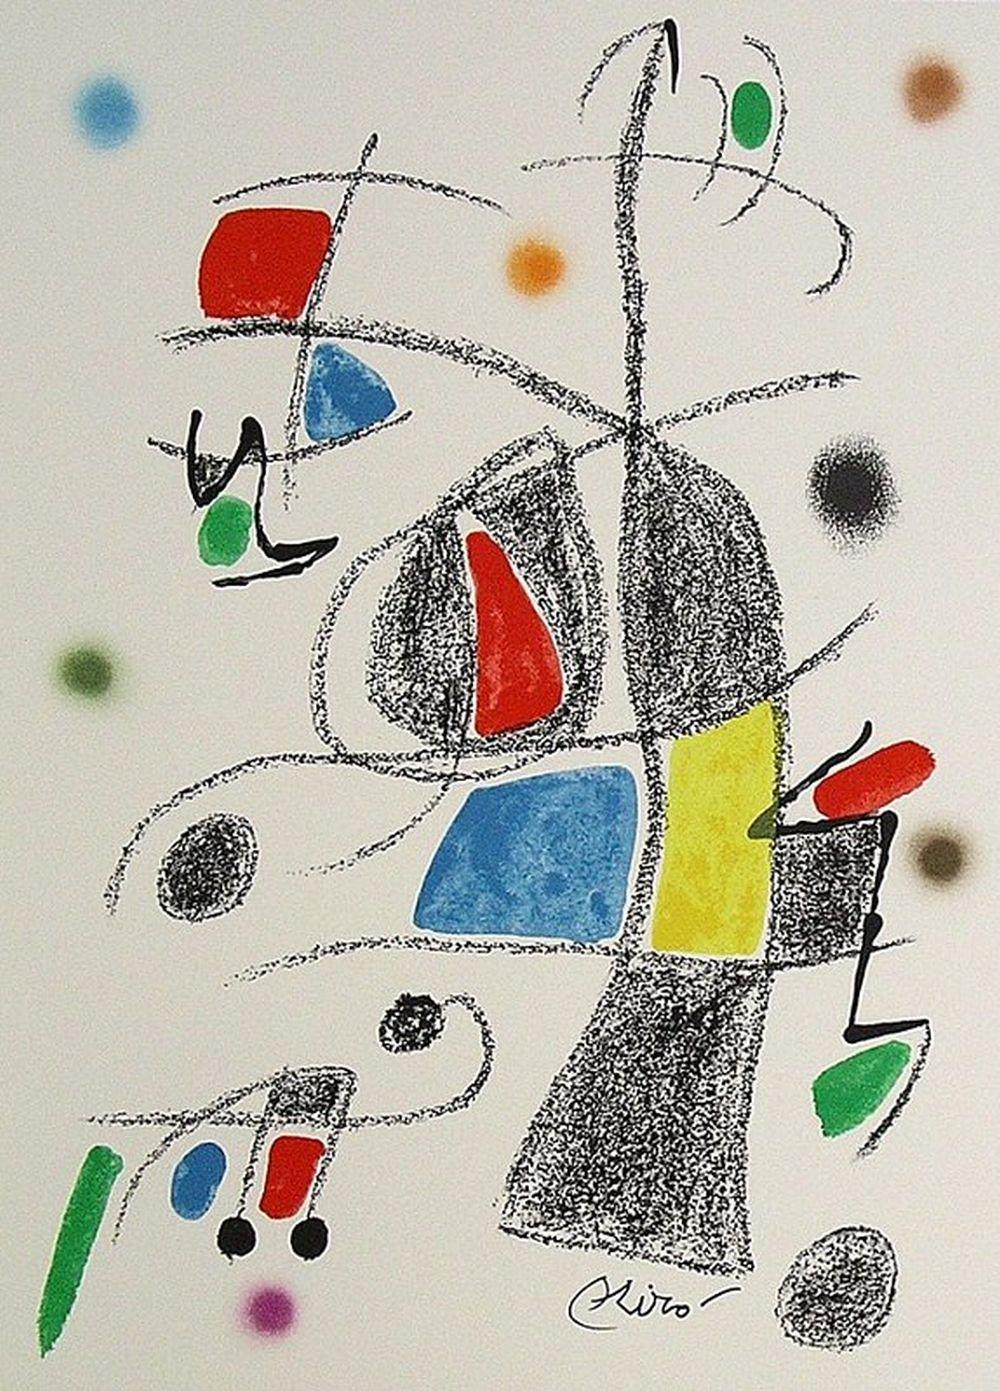 Joan Miro - Maravillas con Variaciones Acrósticas XVII, 1975